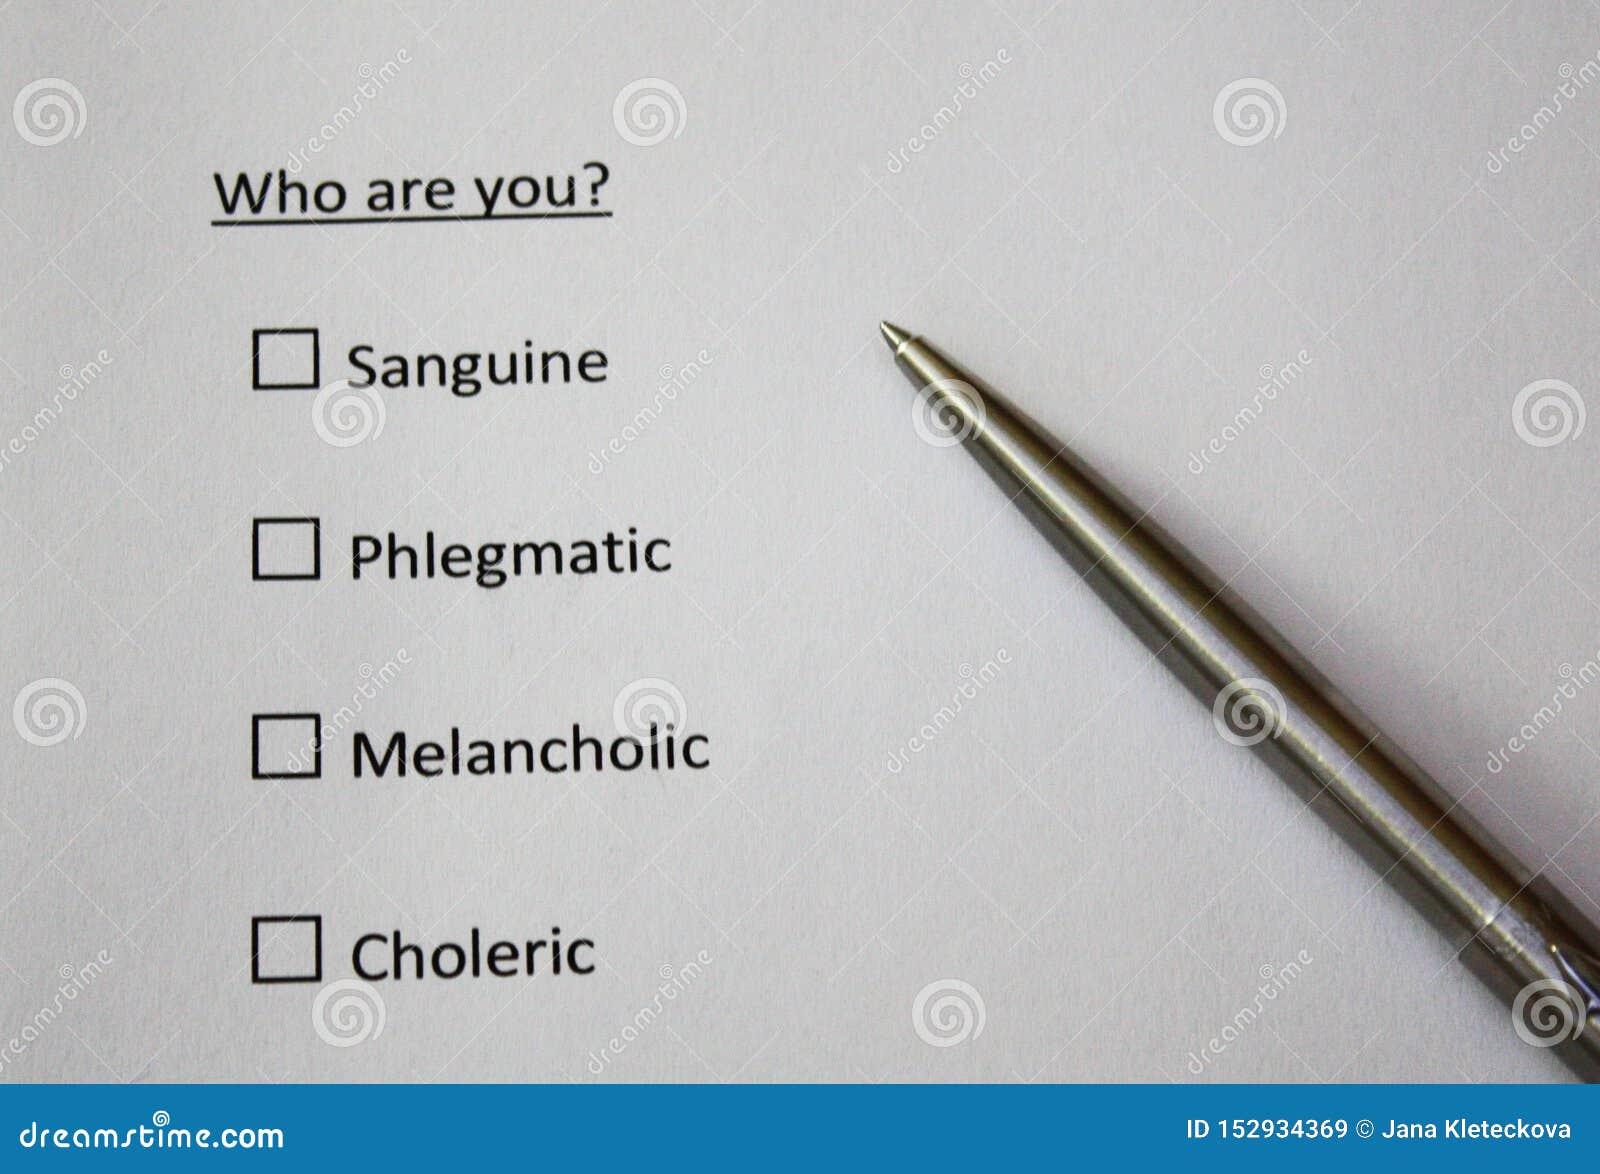 Personality test phlegmatic sanguine choleric melancholy